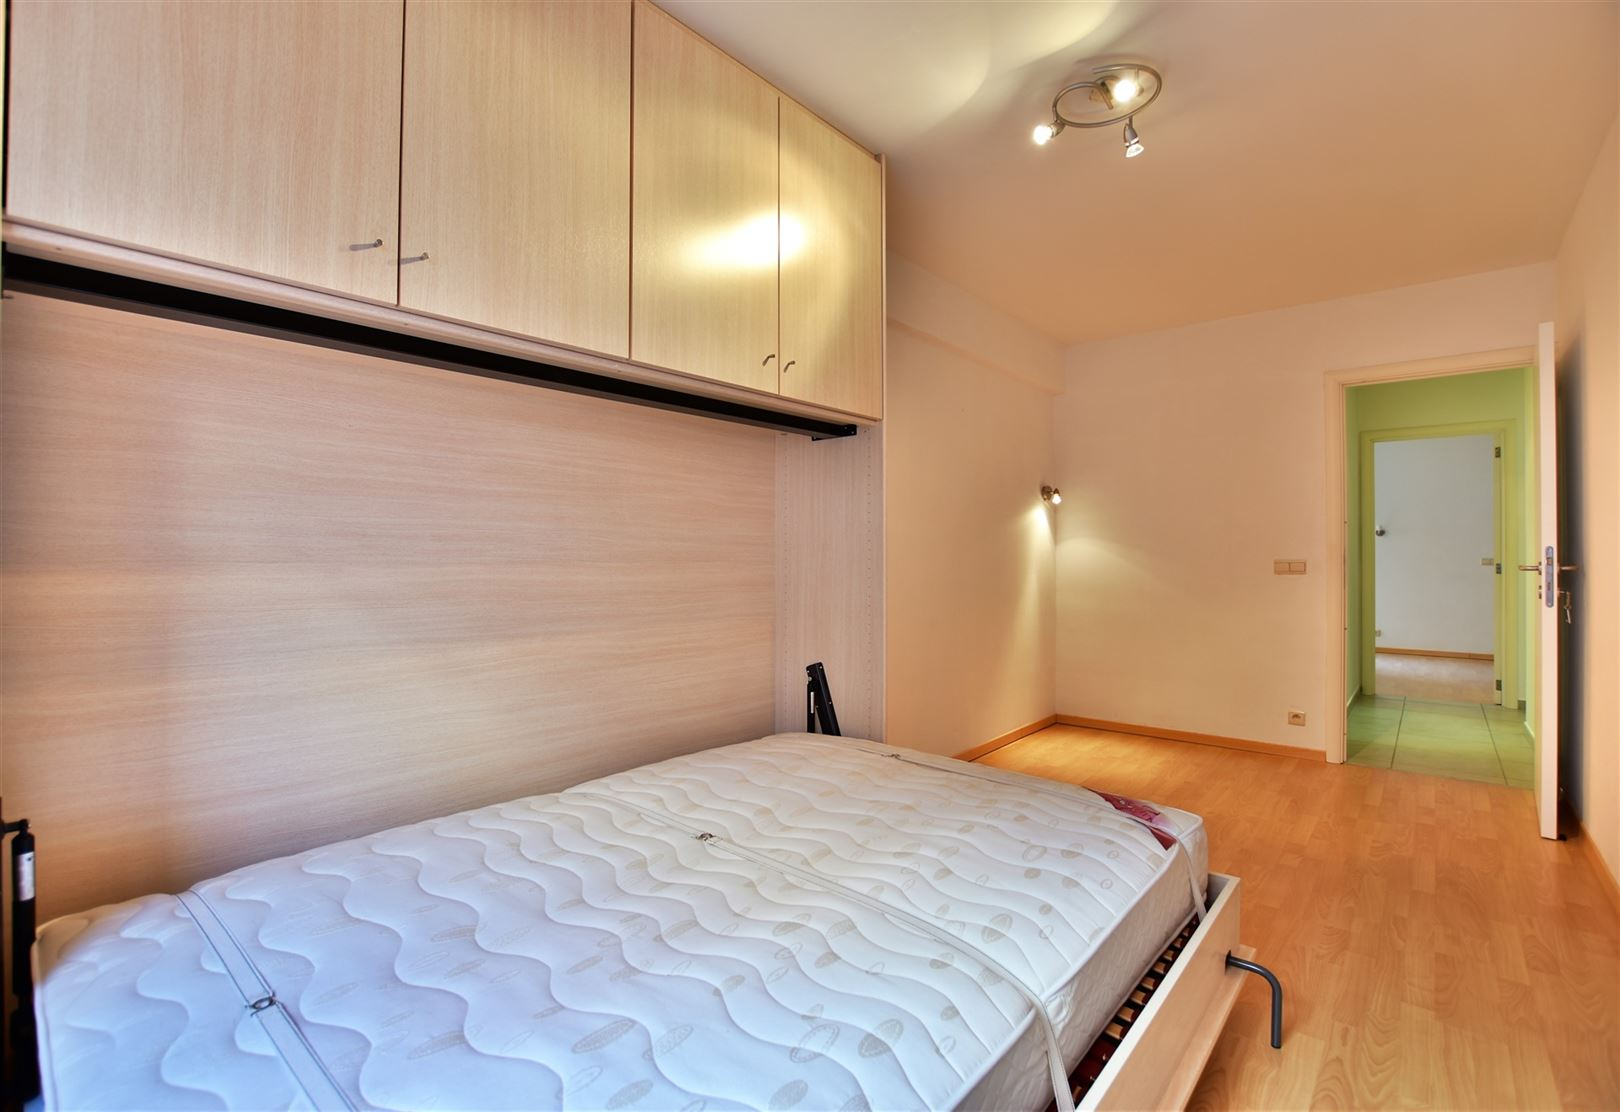 Foto 10 : Appartement te 8400 OOSTENDE (België) - Prijs € 299.000